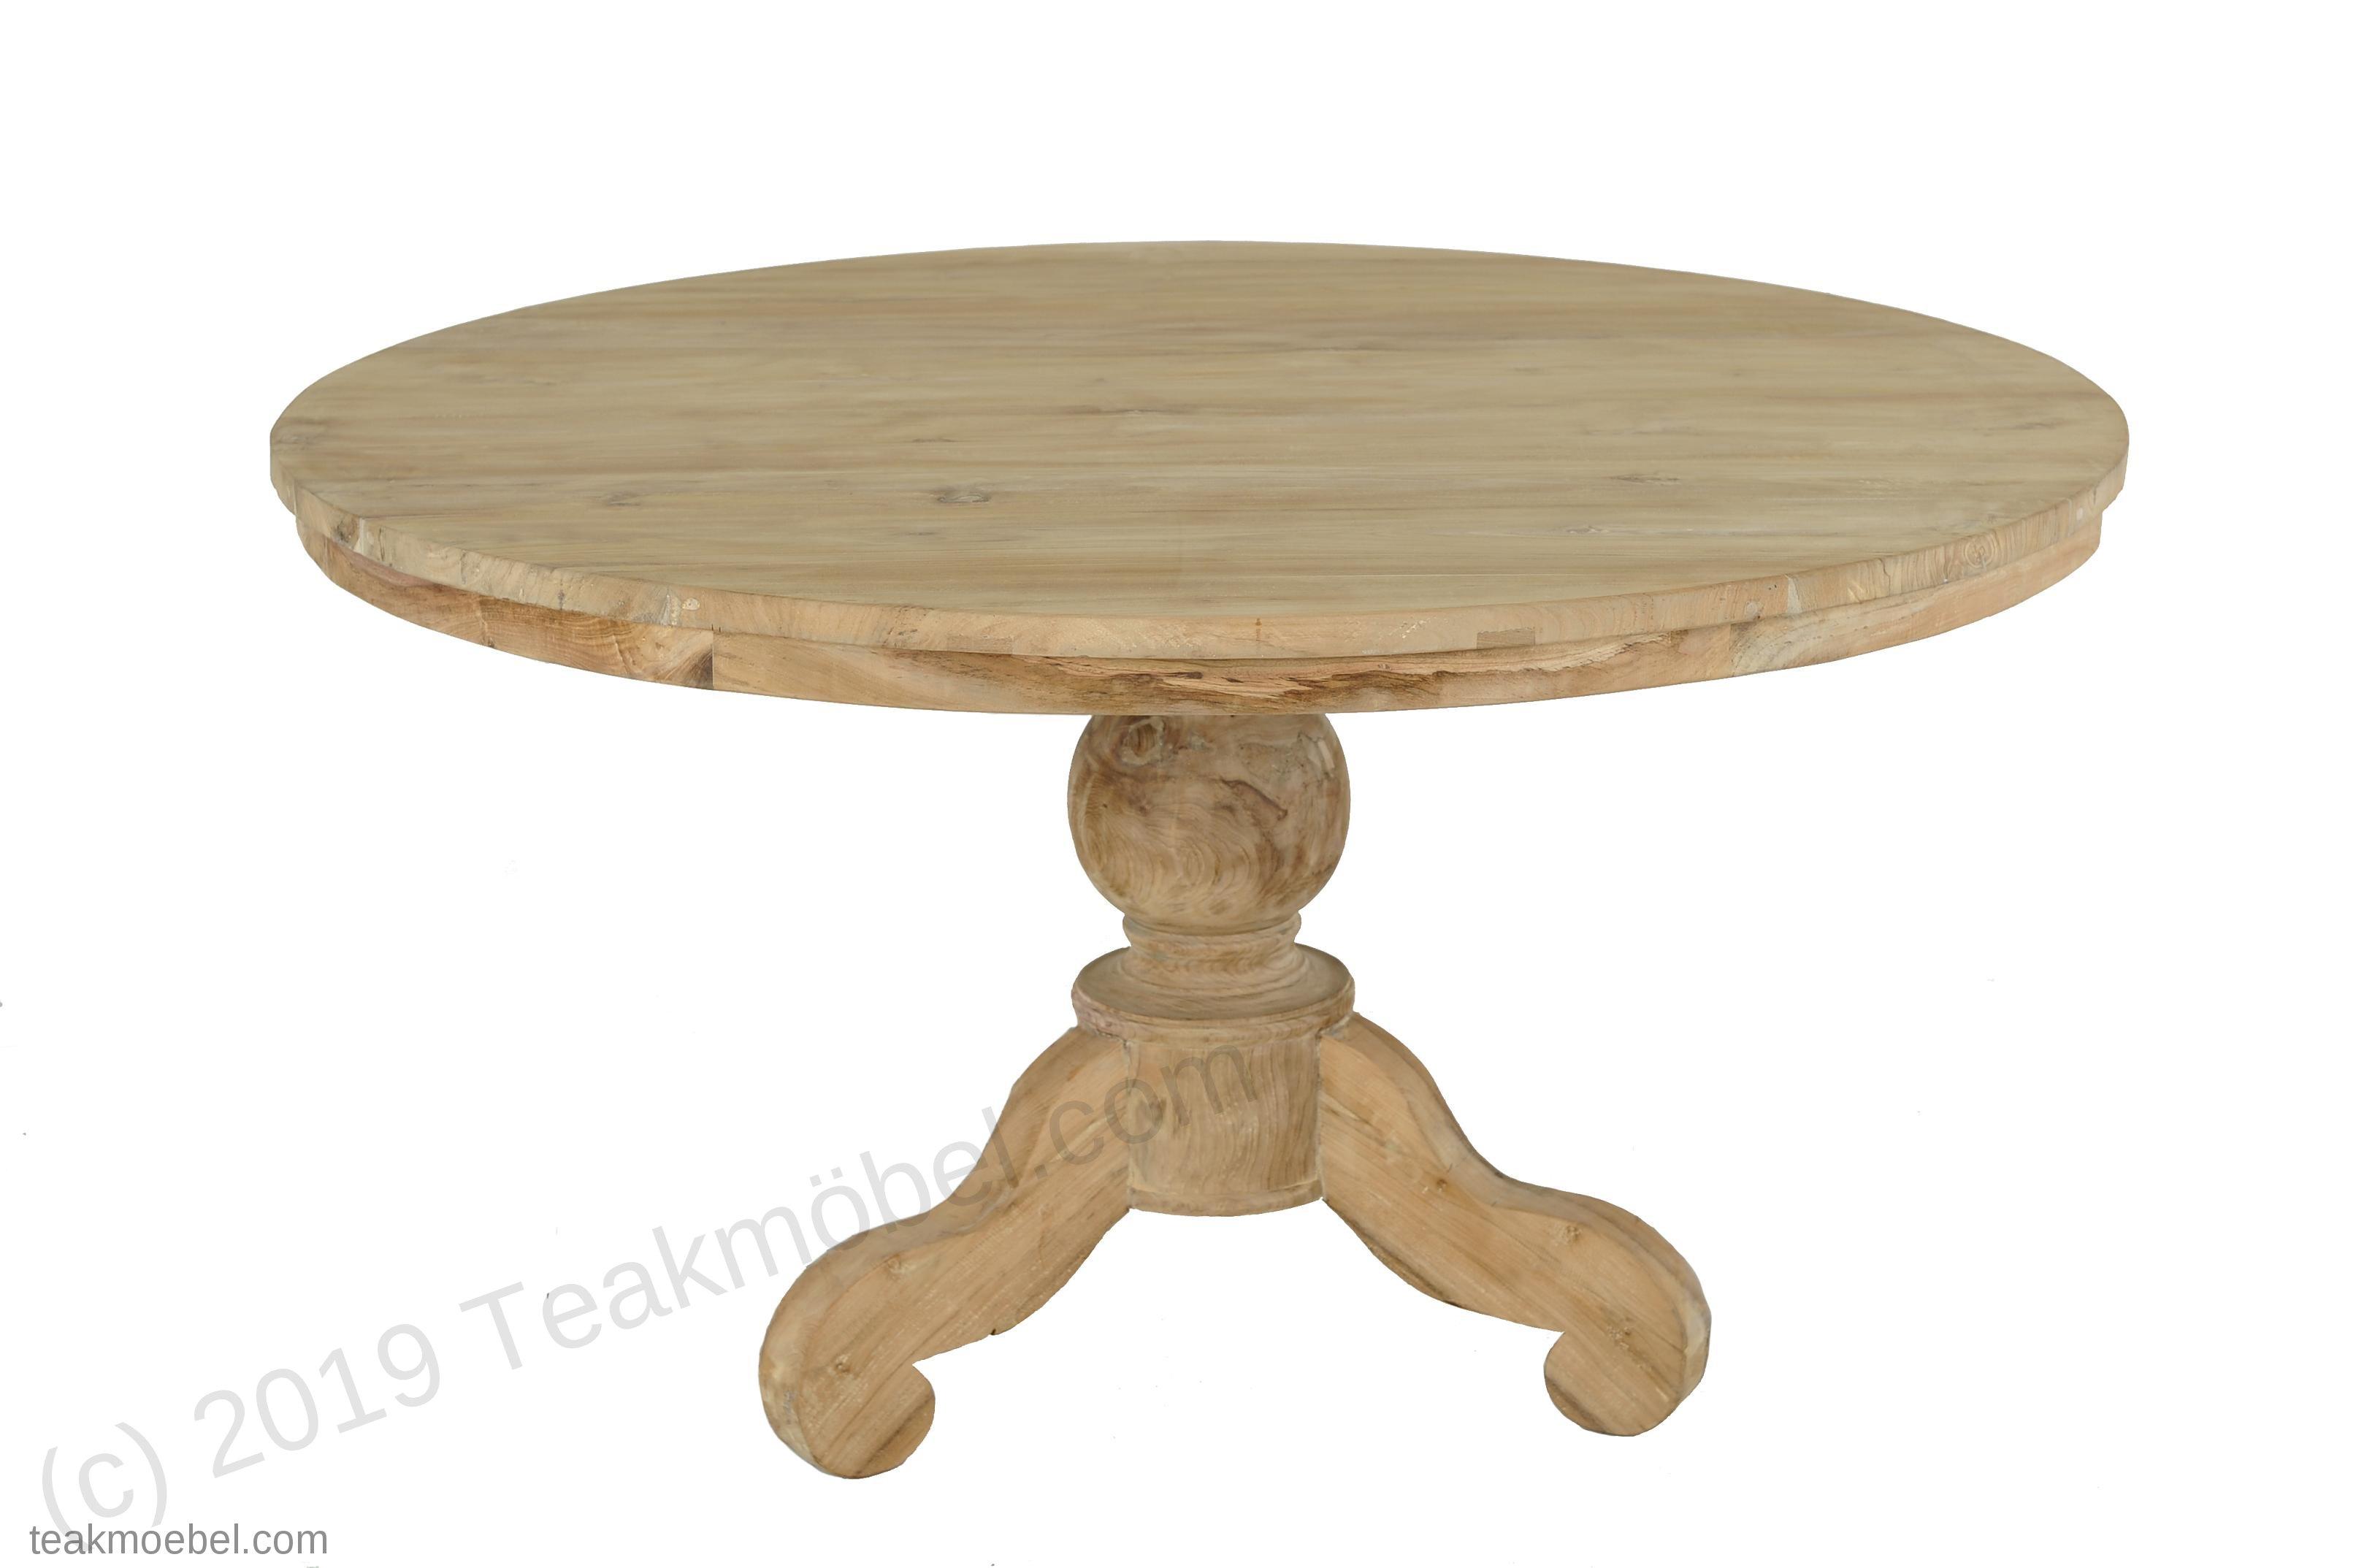 Gartentisch Rund Gartentisch Rund Ausziehbar Holz Cpro Pw